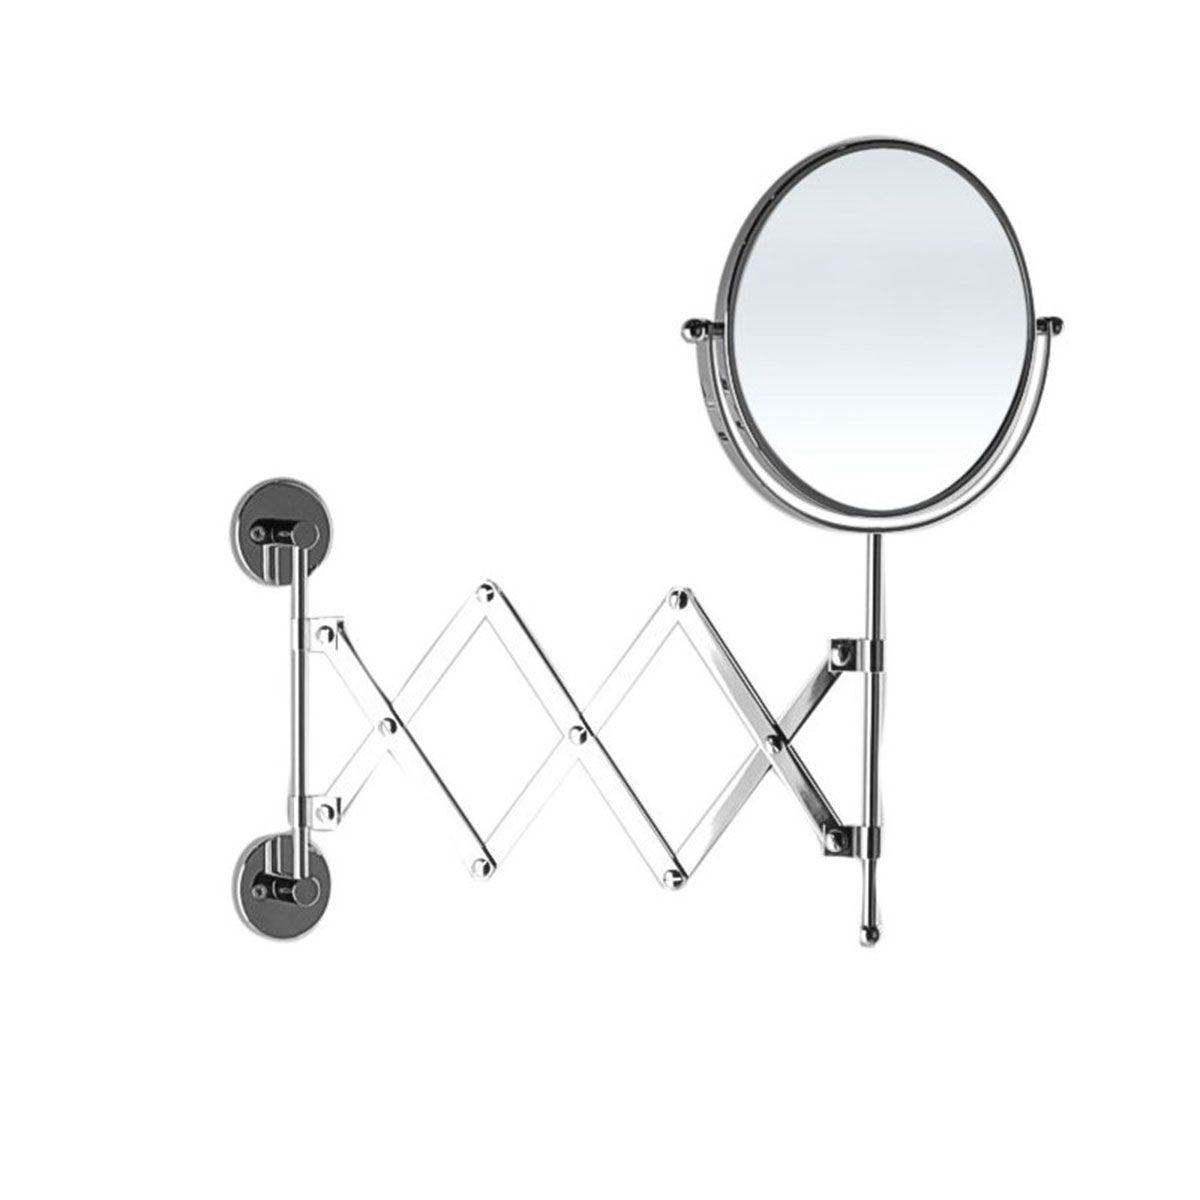 Specchio Ingranditore Da Bagno.Specchio Ingranditore Da Bagno Estensibile Con Doppia Faccia Bottiglioni